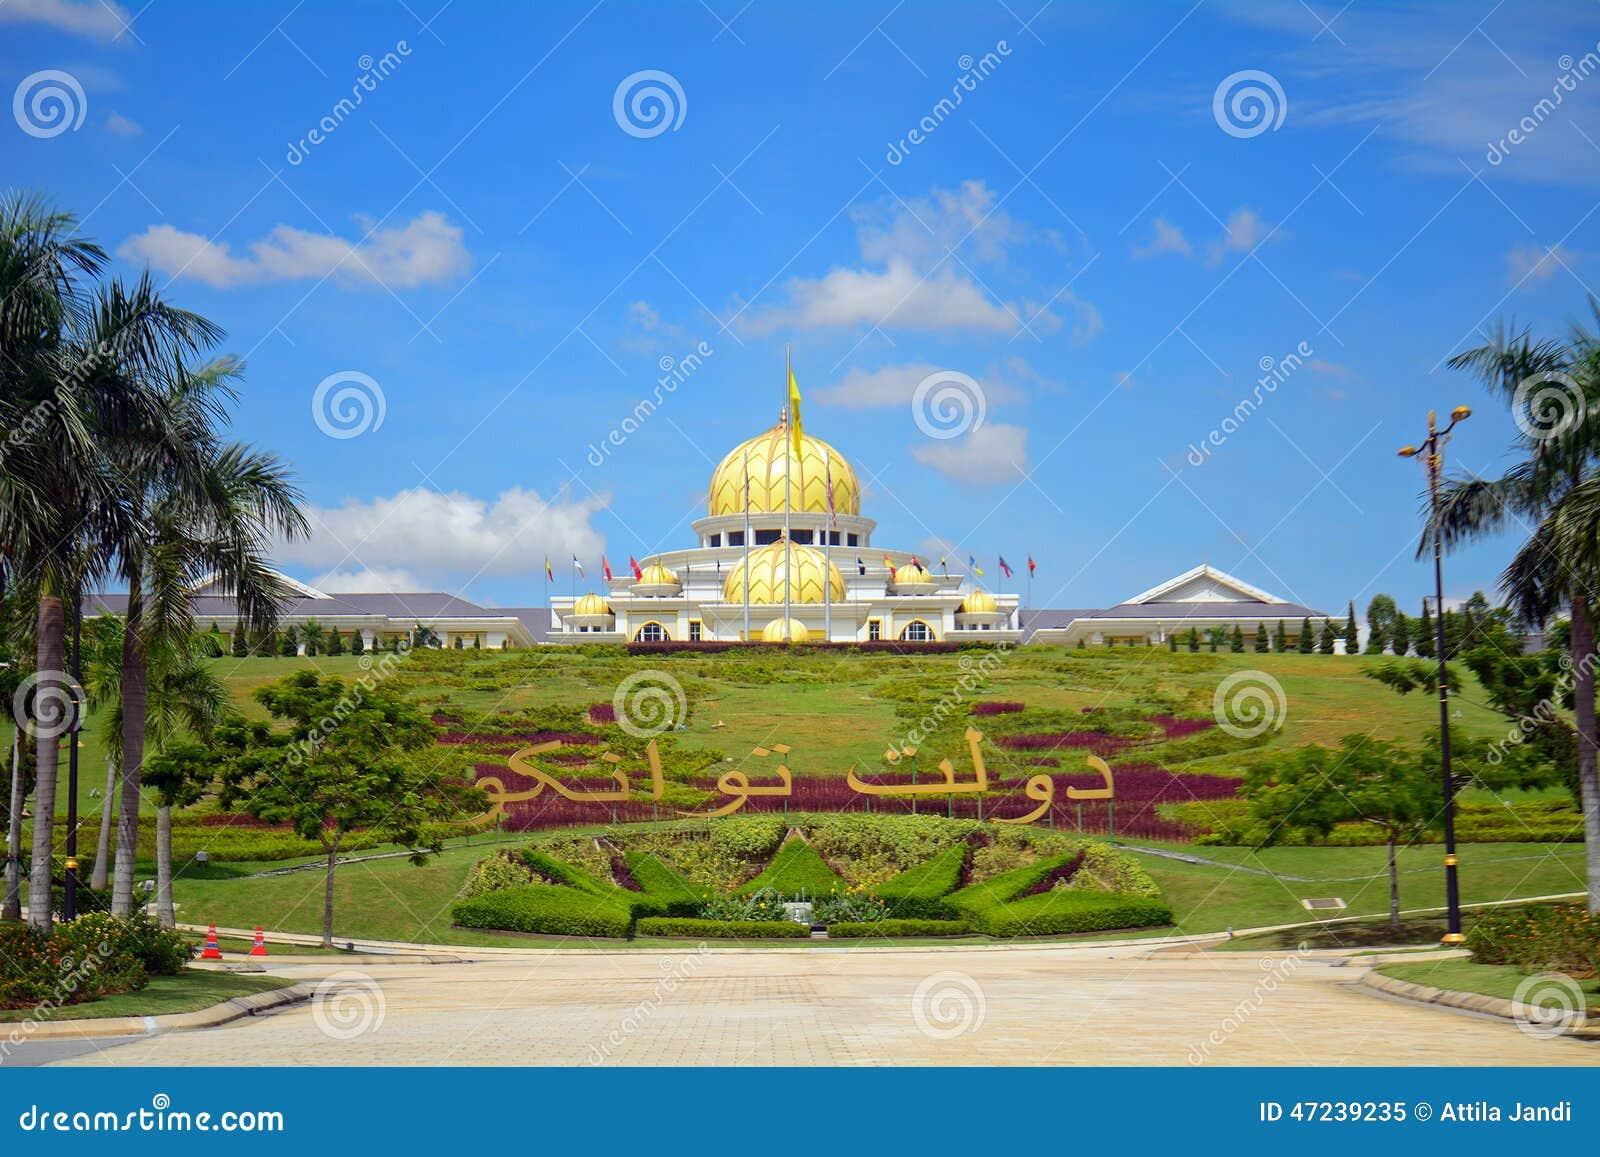 Le palais du sultan, Kuala Lumpur, Malaisie